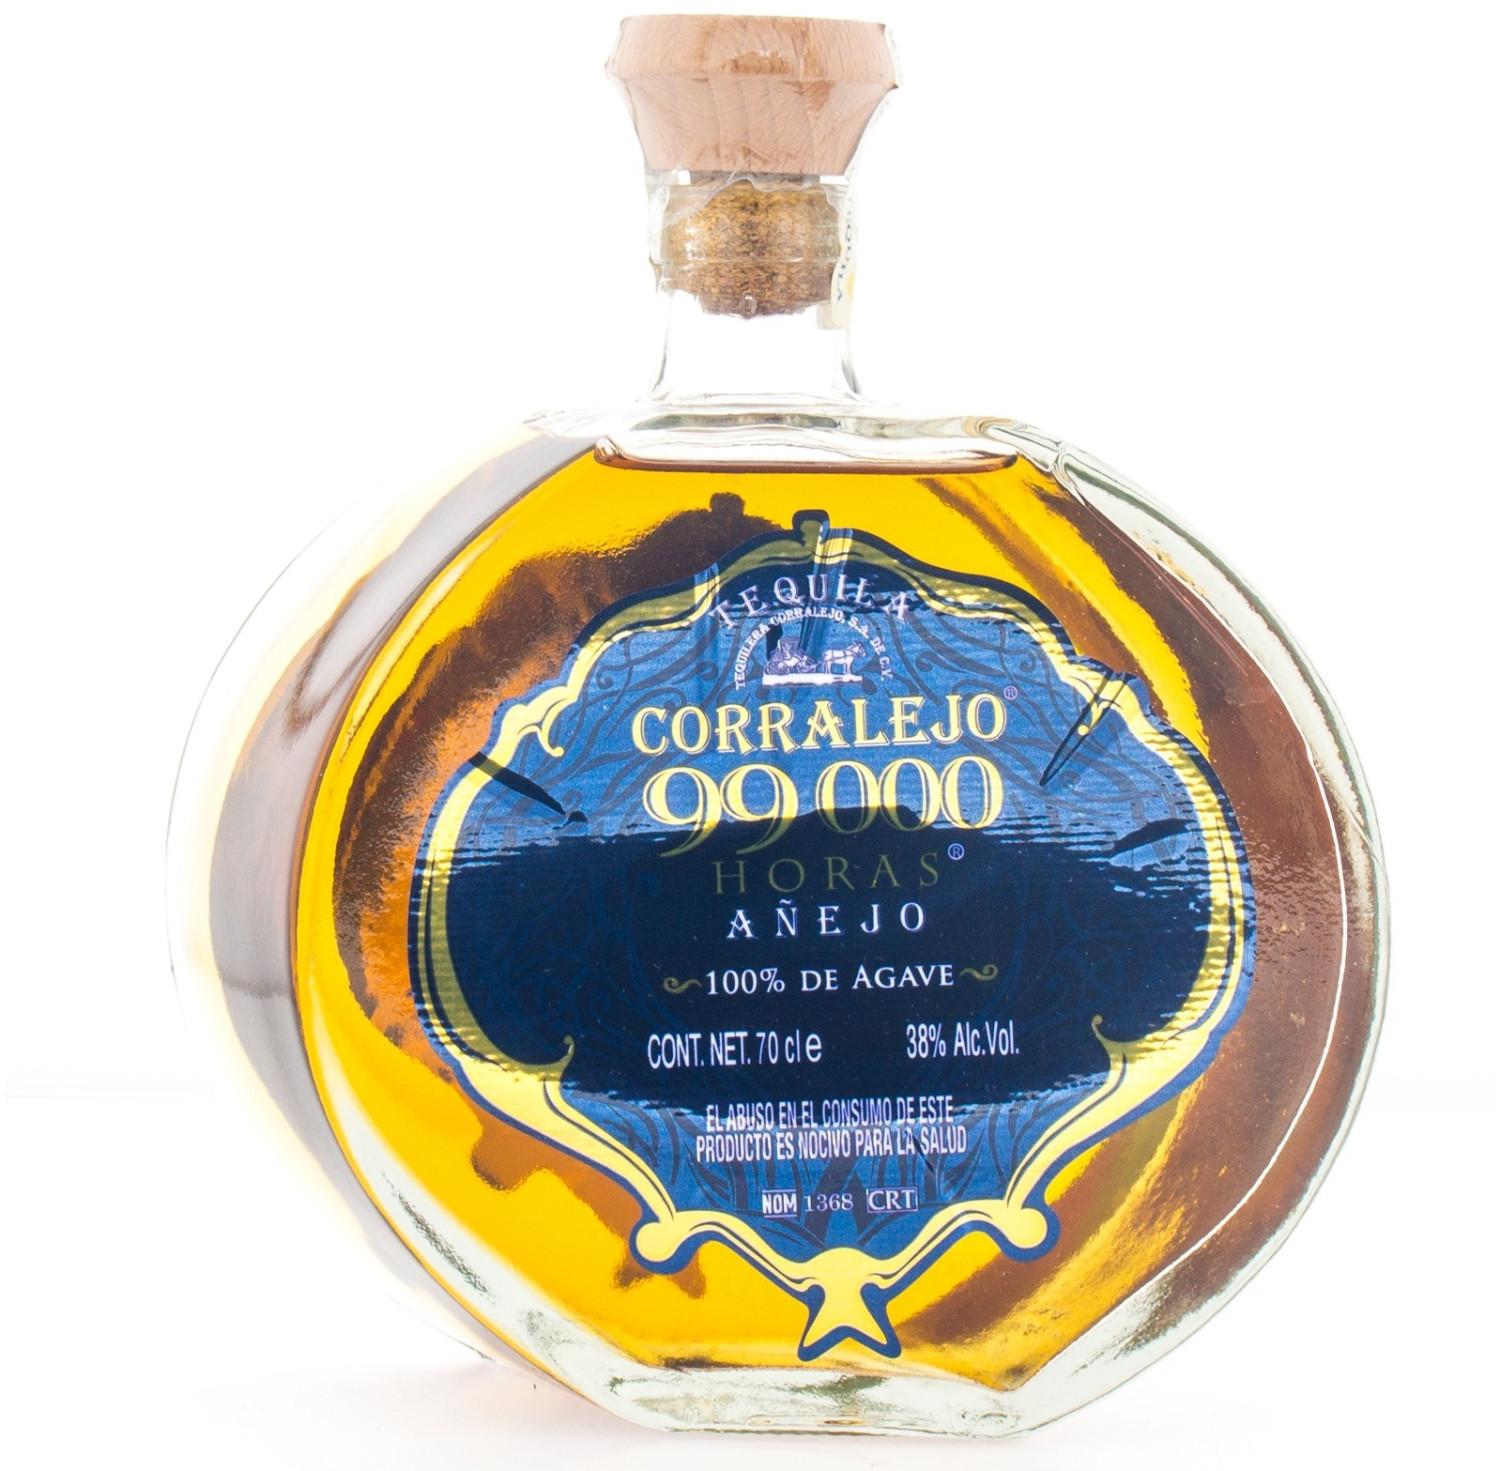 Corralejo Tequila 99.000 Horas Anejo 38% 0,7l